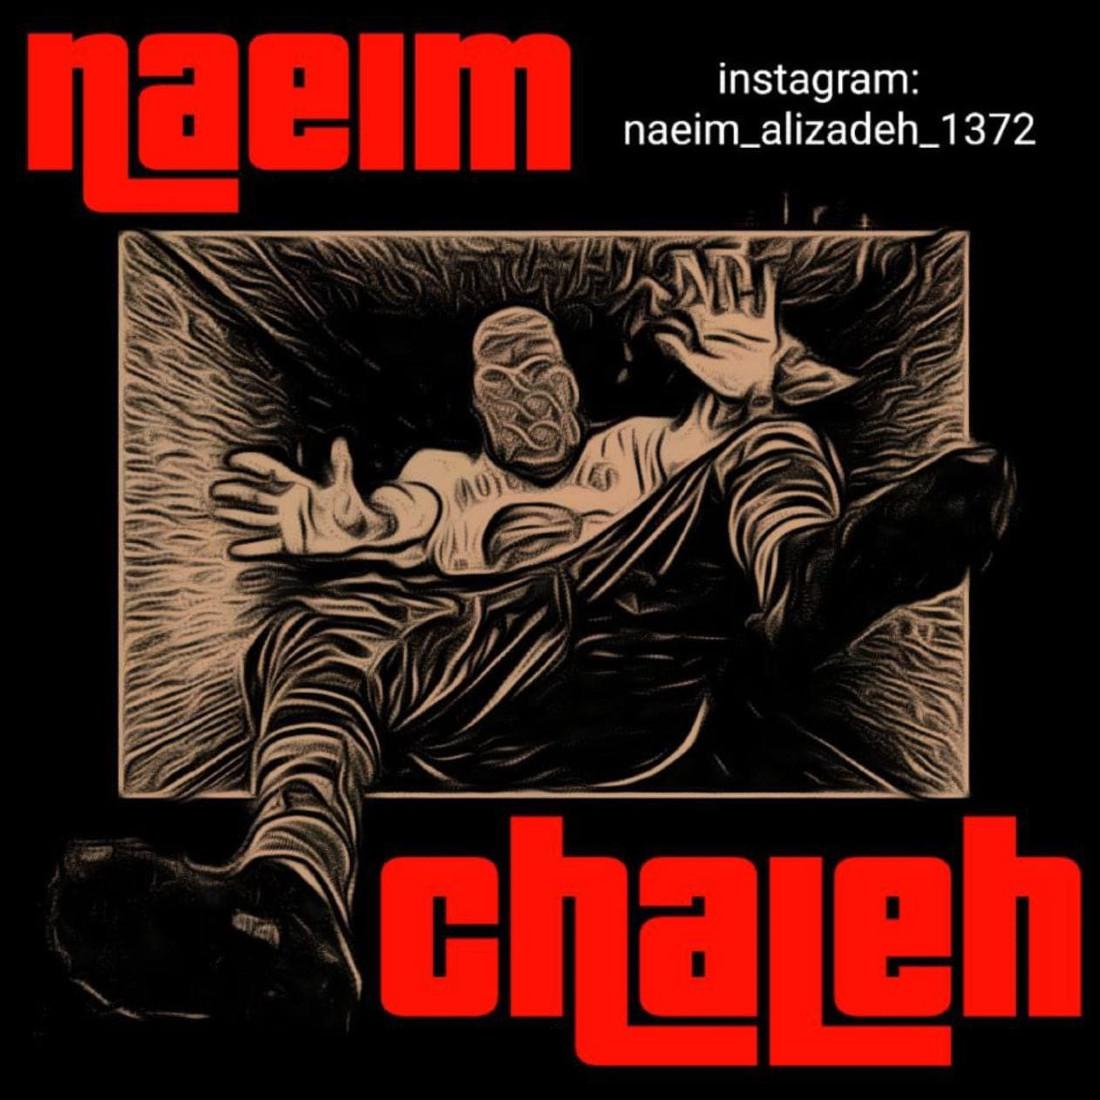 Naeim - Chaleh